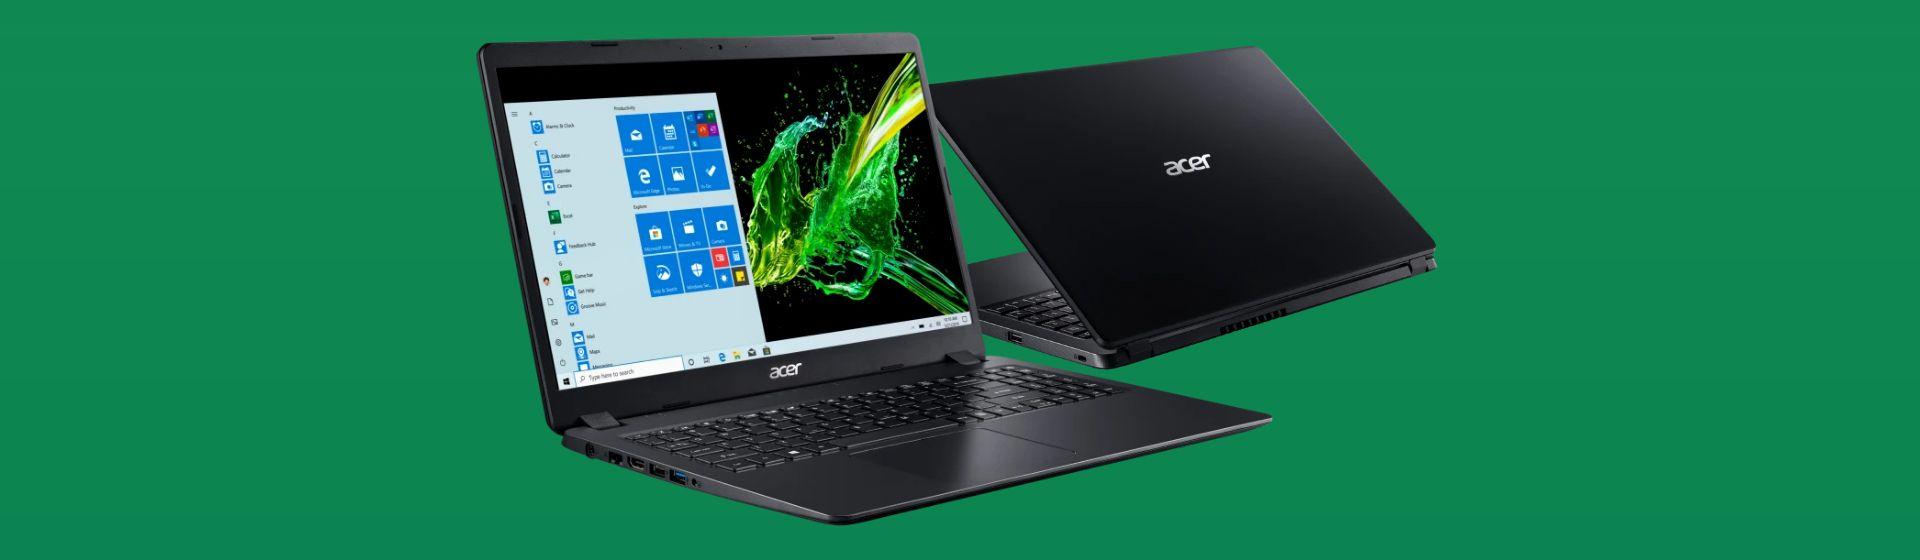 Acer Aspire 3 com Ryzen 5 é bom? Analisamos preço e ficha técnica